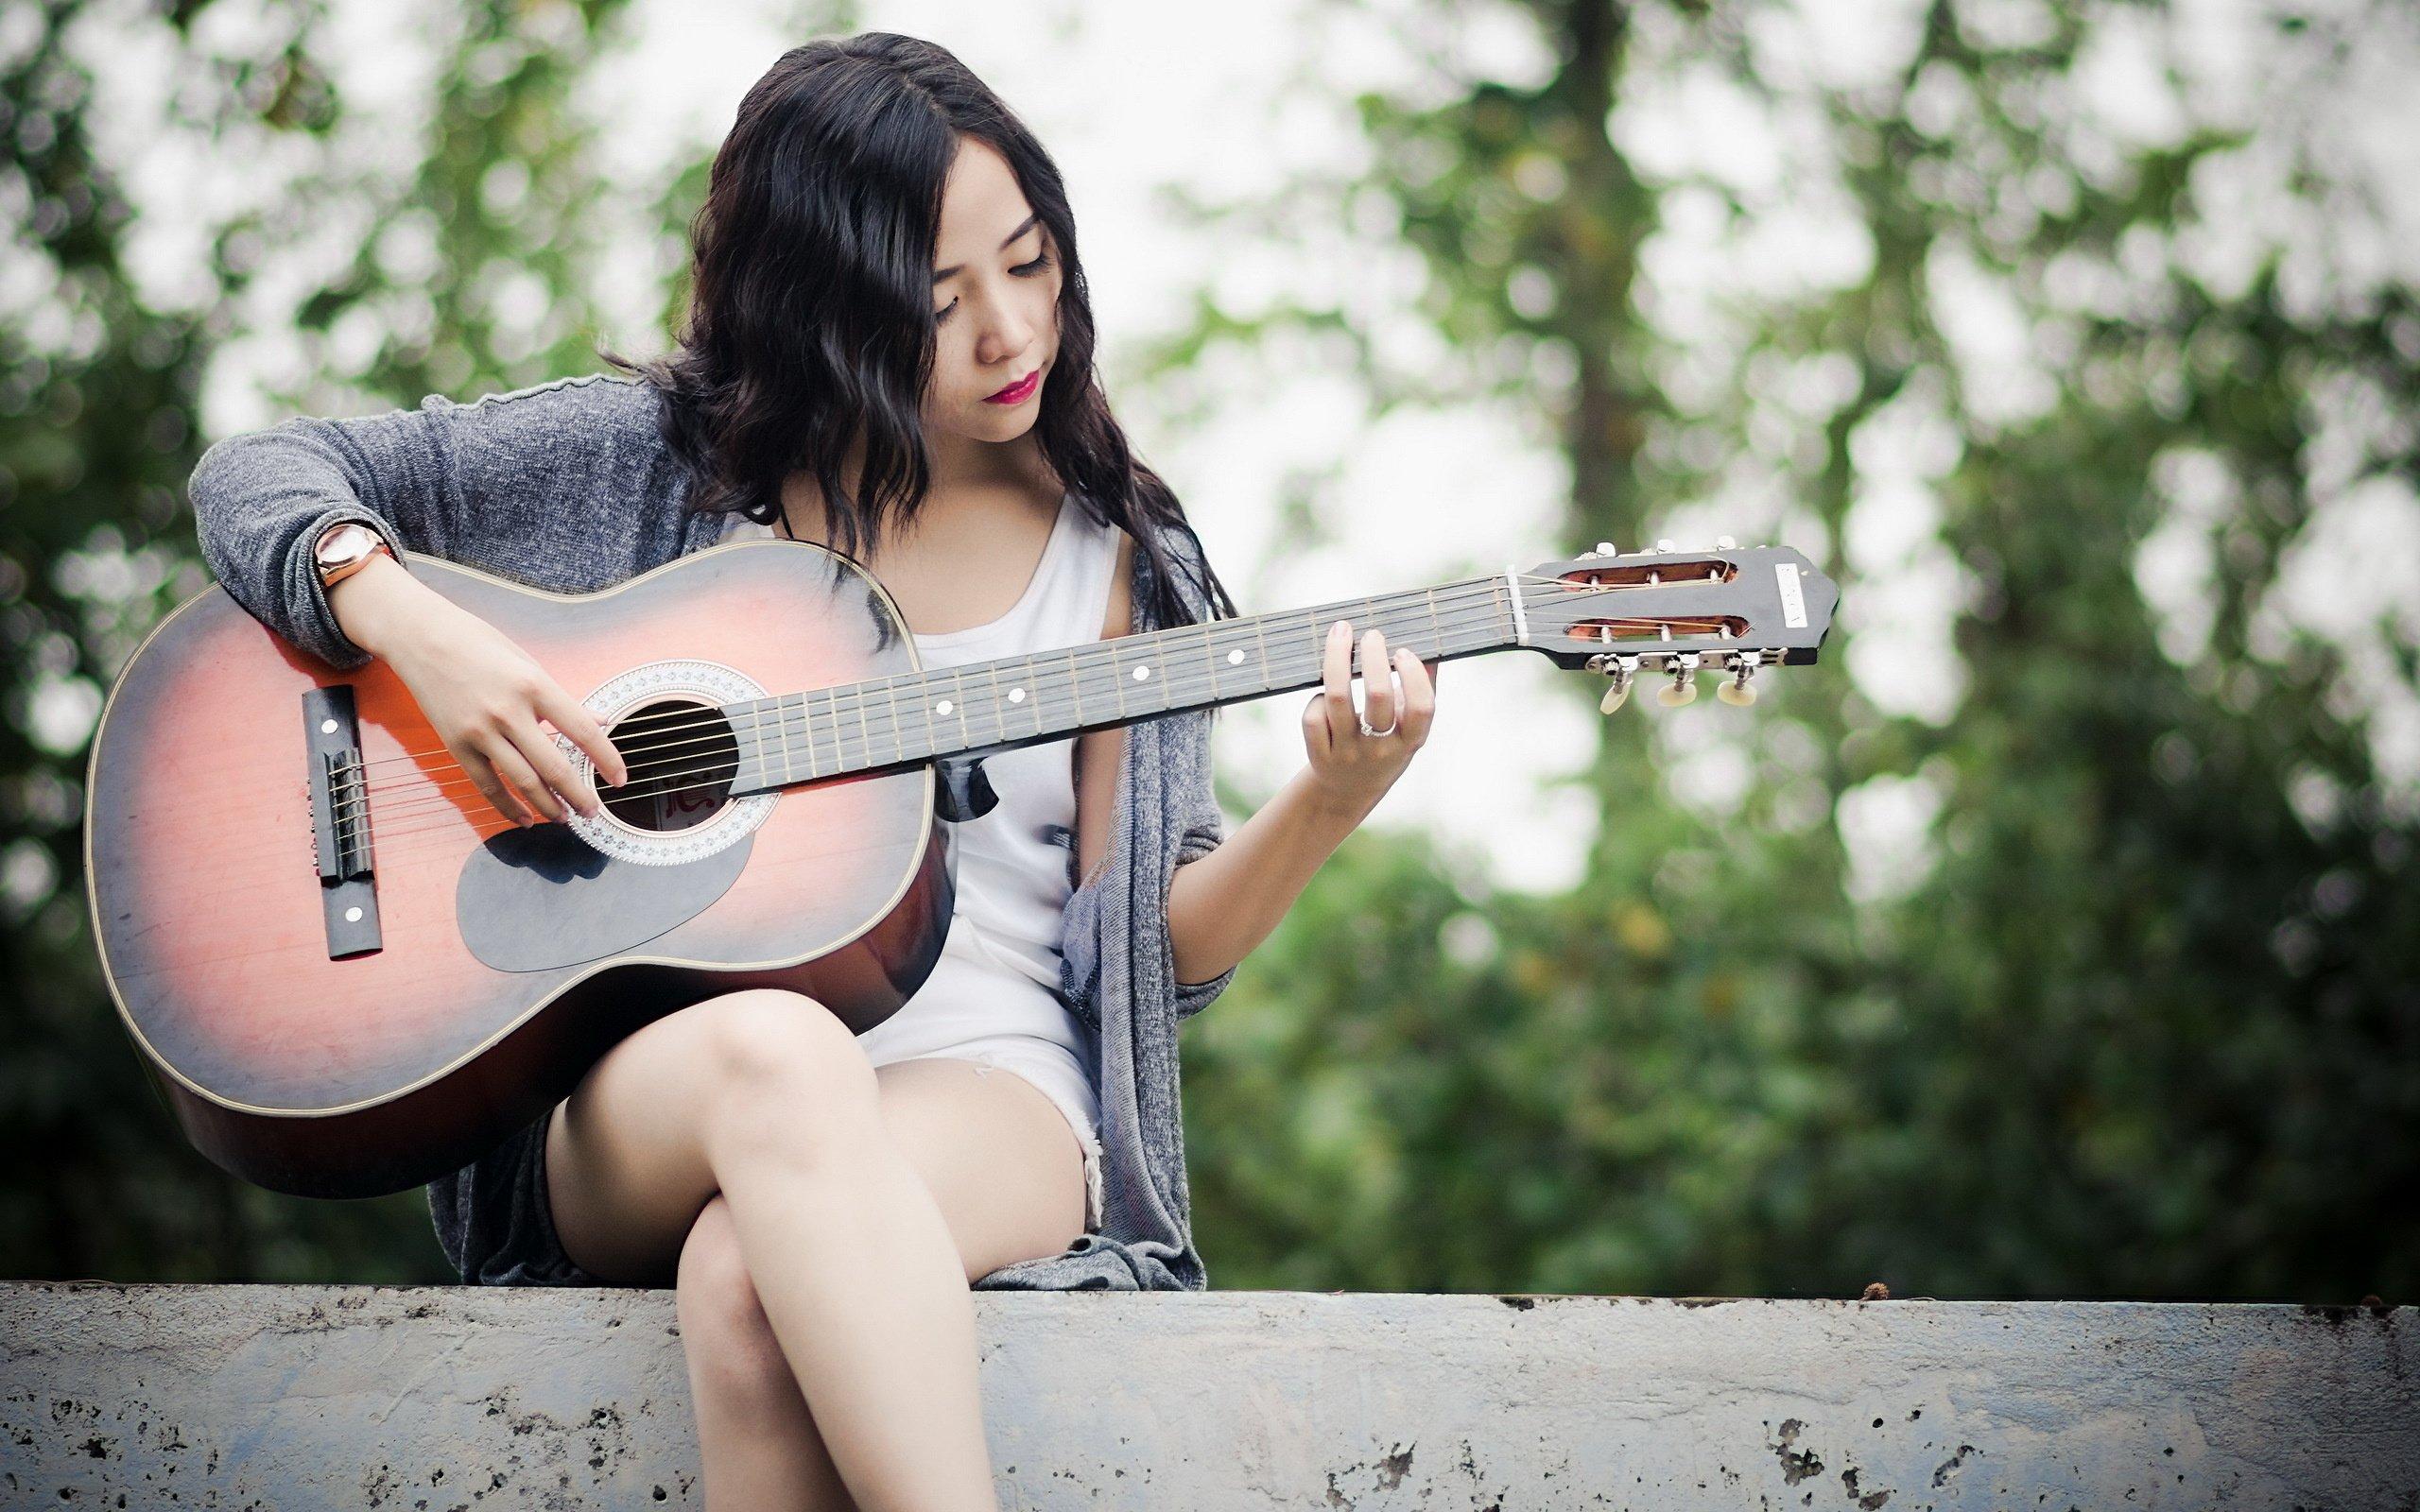 Wallpaper : 2560x1600 px, Asian, girl ...